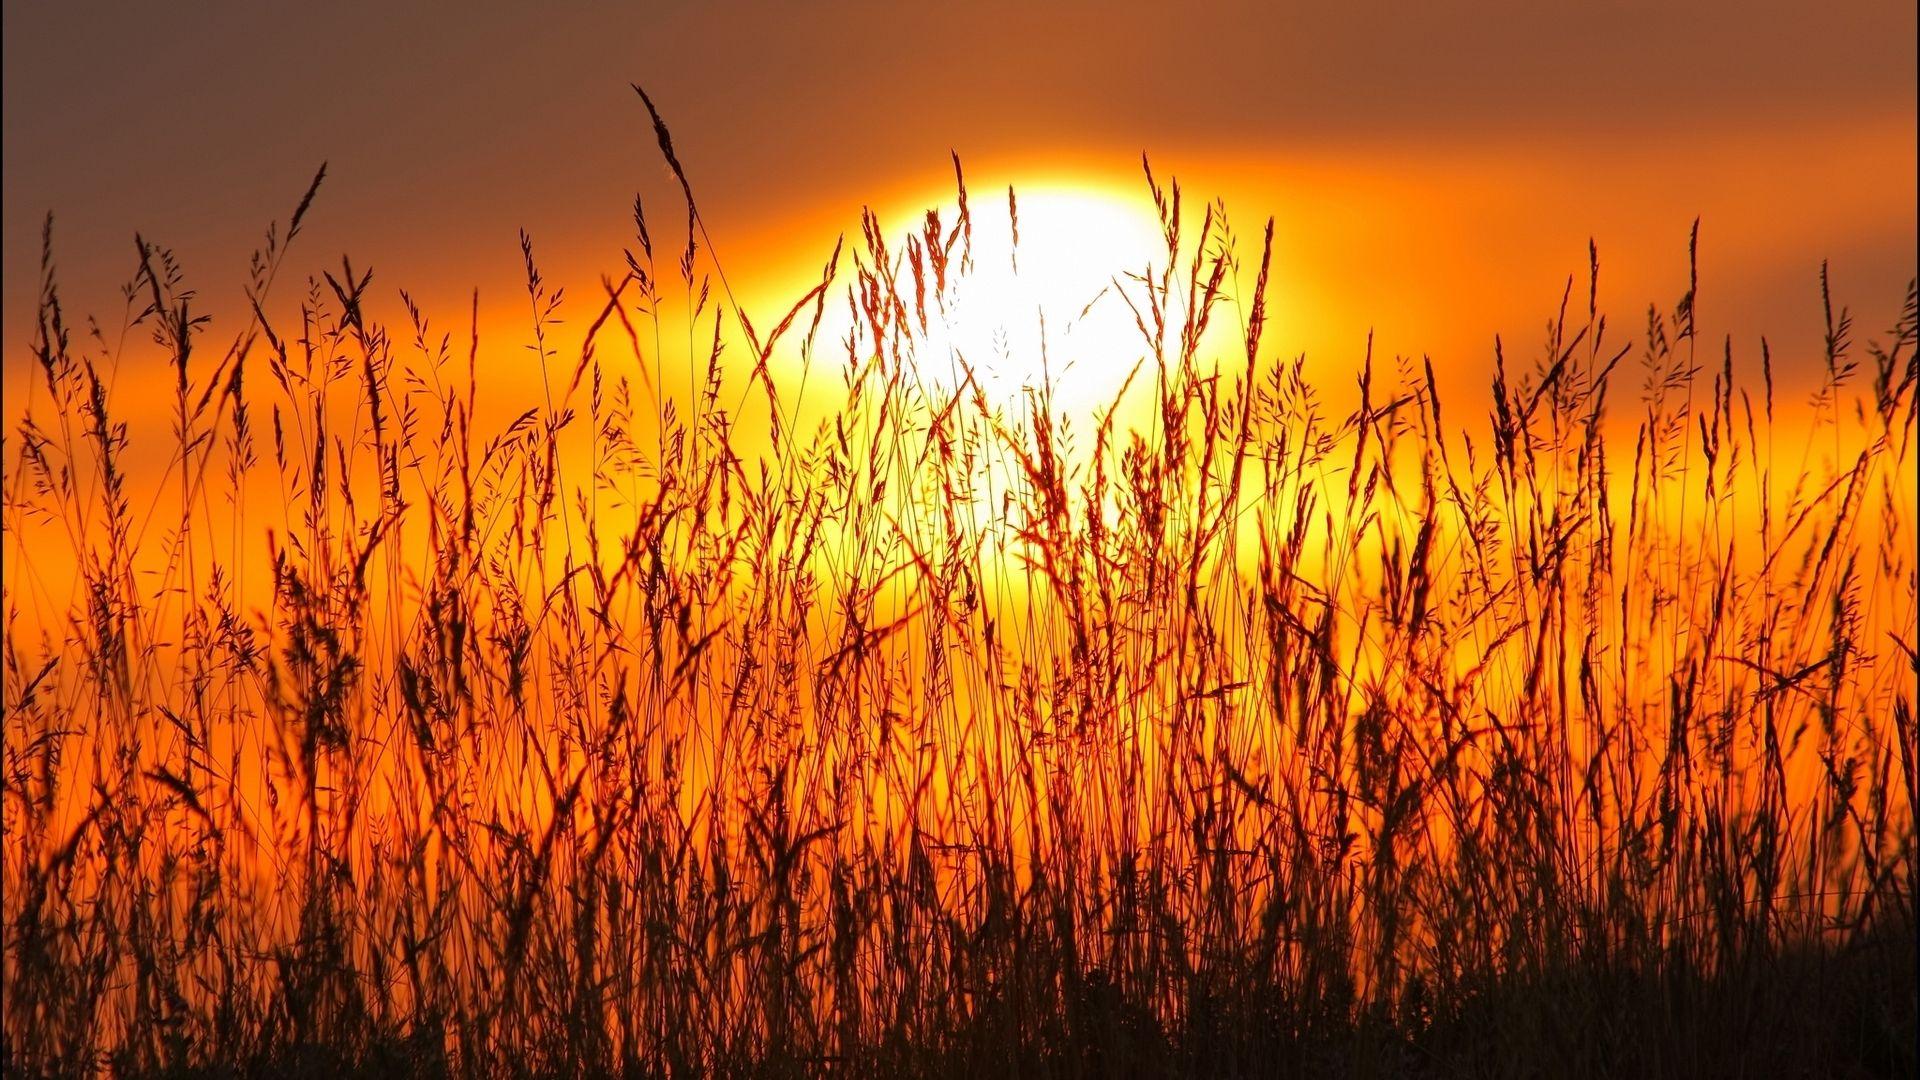 coucher-de-soleil_paysage-hd-fond-ecran_4